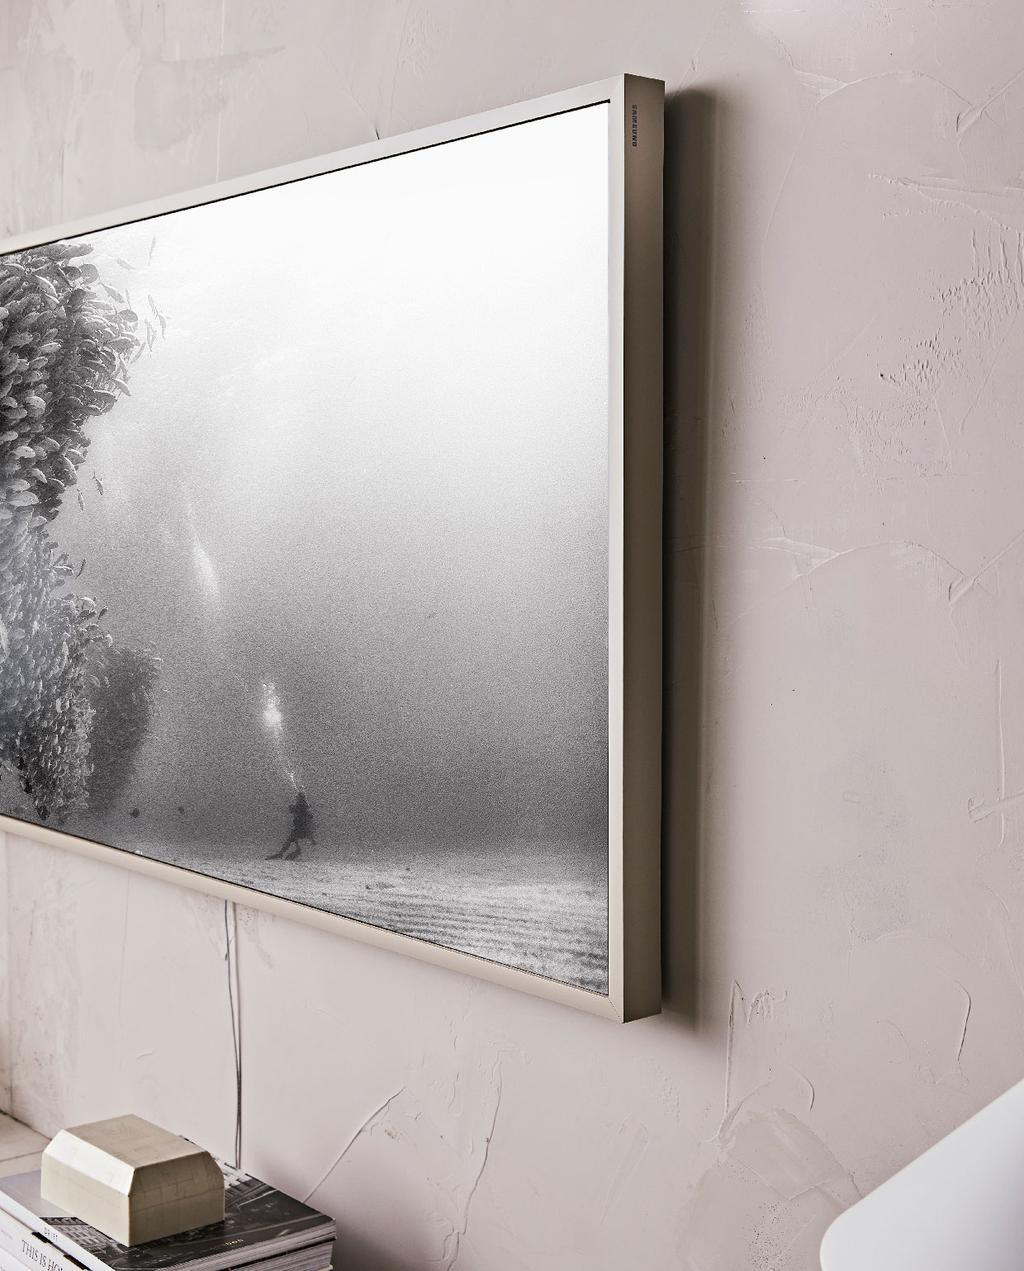 vtwonen 10-2020 | samsung the frame warm grijs neutraal interieur